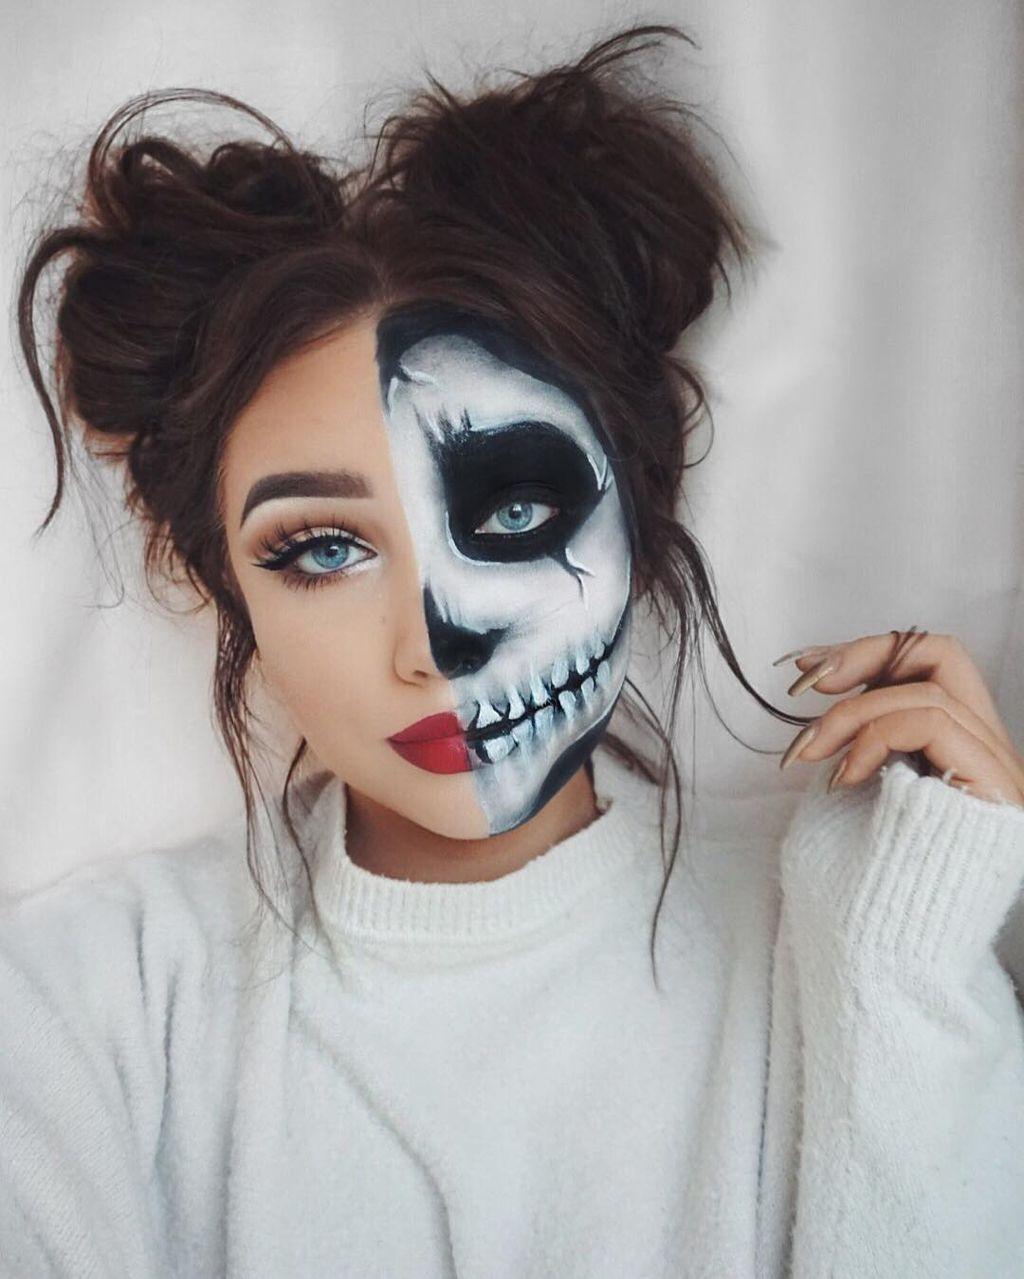 71 Inspiring Halloween Makeup Ideas to Makes You Look